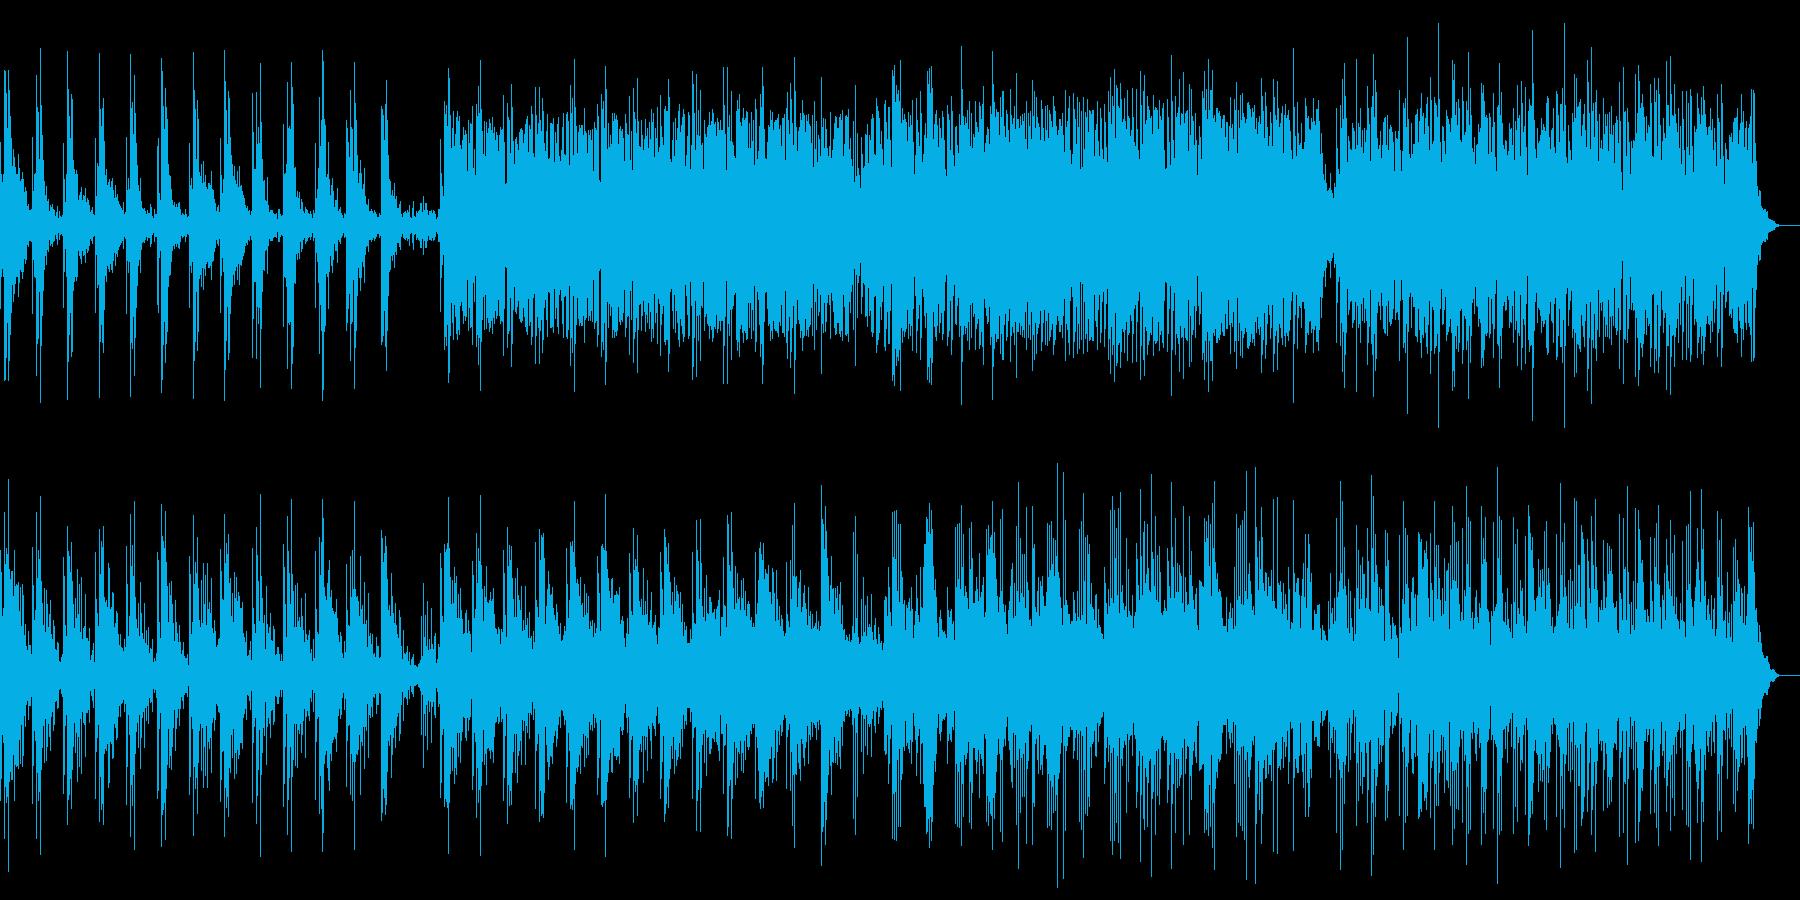 静かで美しいピアノのリラクゼーションの再生済みの波形